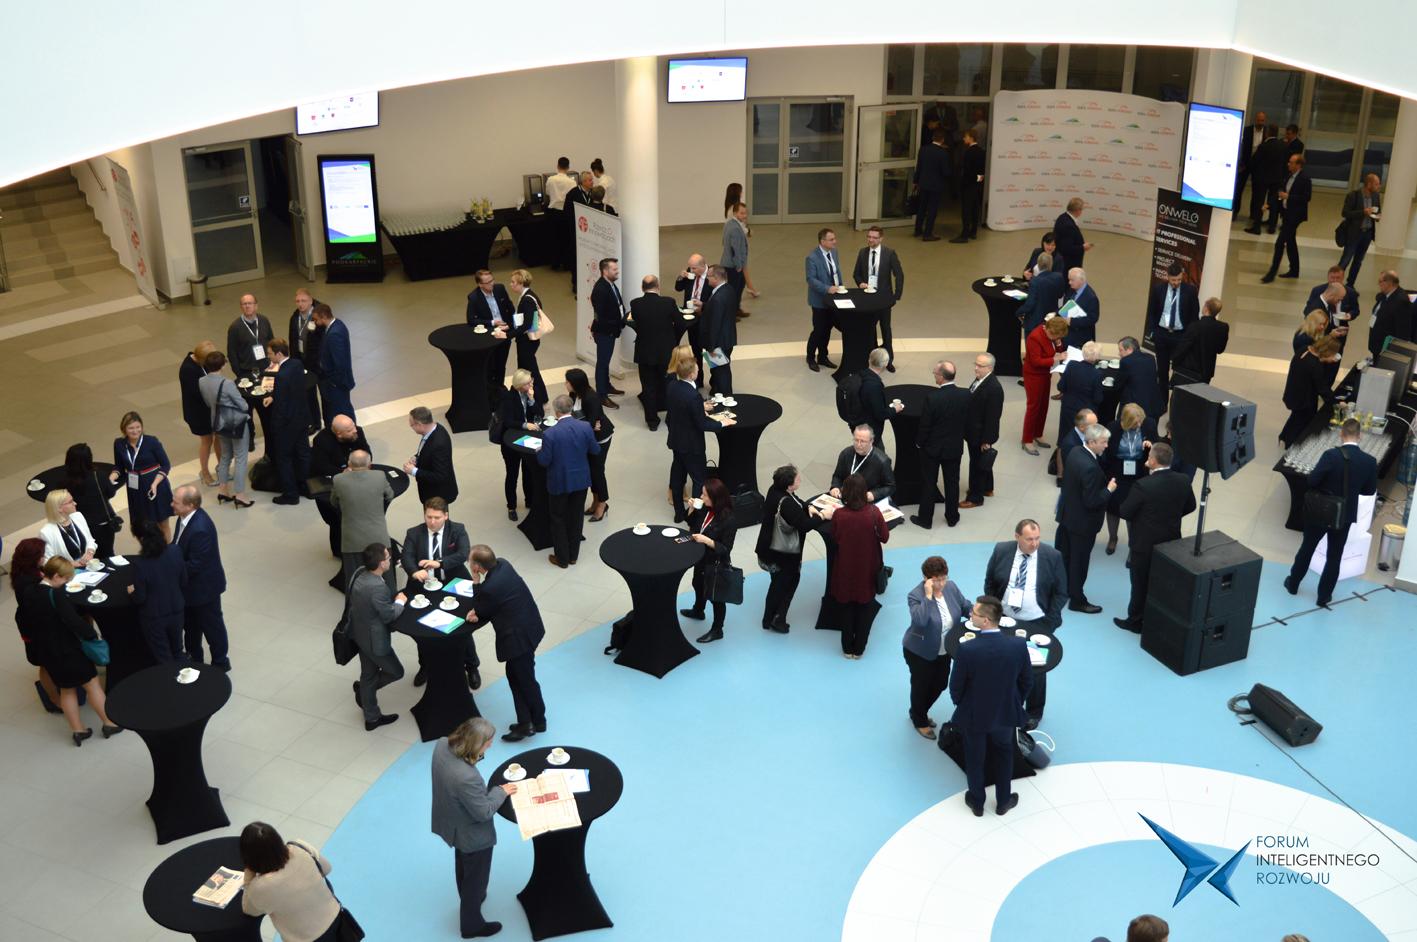 II Forum Inteligentnego Rozwoju w obiektywie (2)